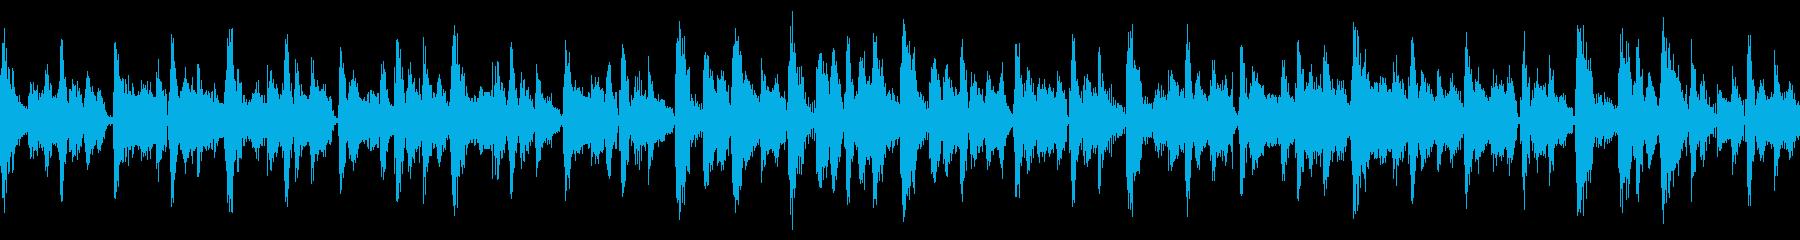 ビッグバンド、トランペット、ピアノ...の再生済みの波形